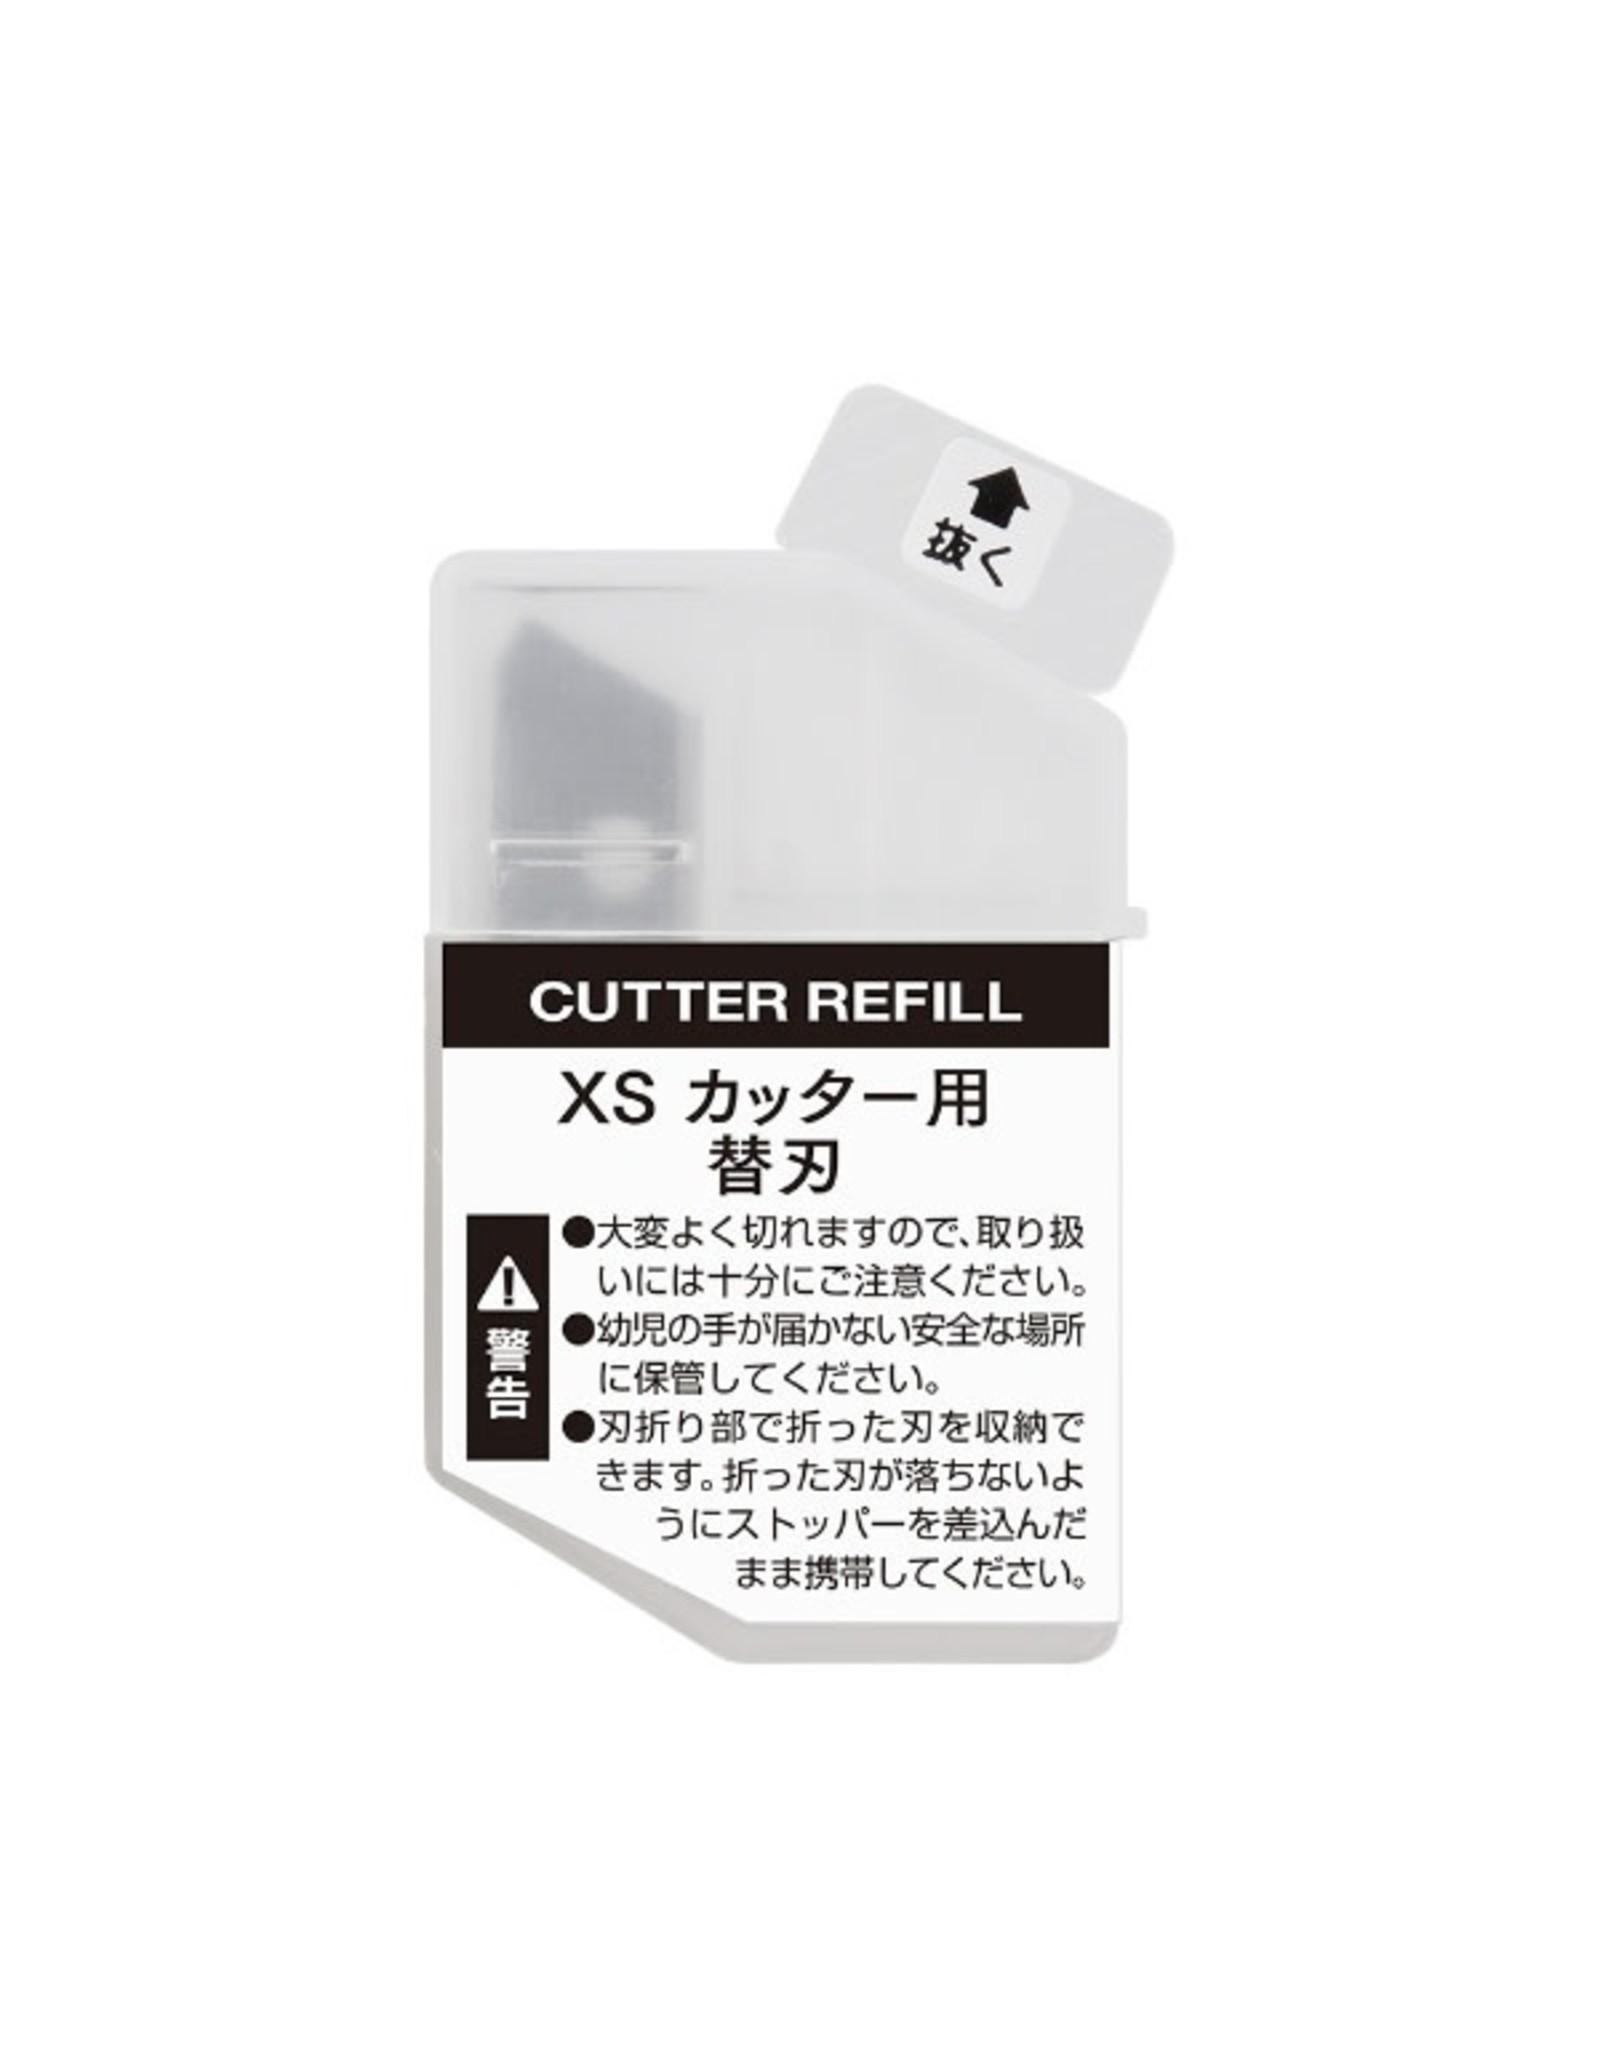 Designphil Inc. XS CUTTER REFILL